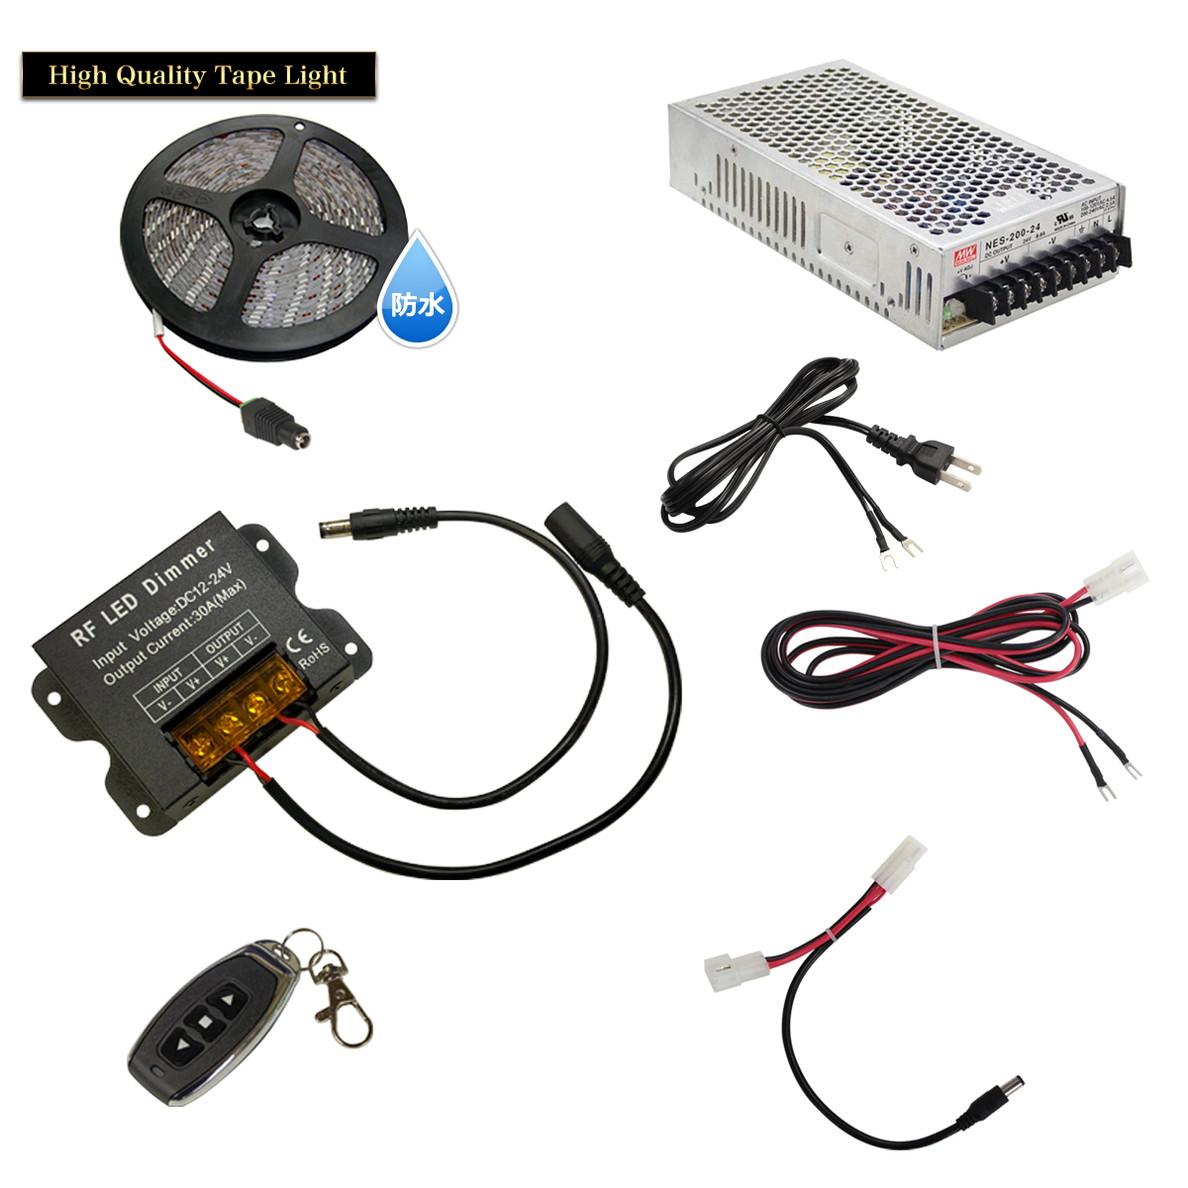 【らくらく400cm×1本セット】 防水3チップ LEDテープライト(RoHS対応) +調光器+対応アダプター付き